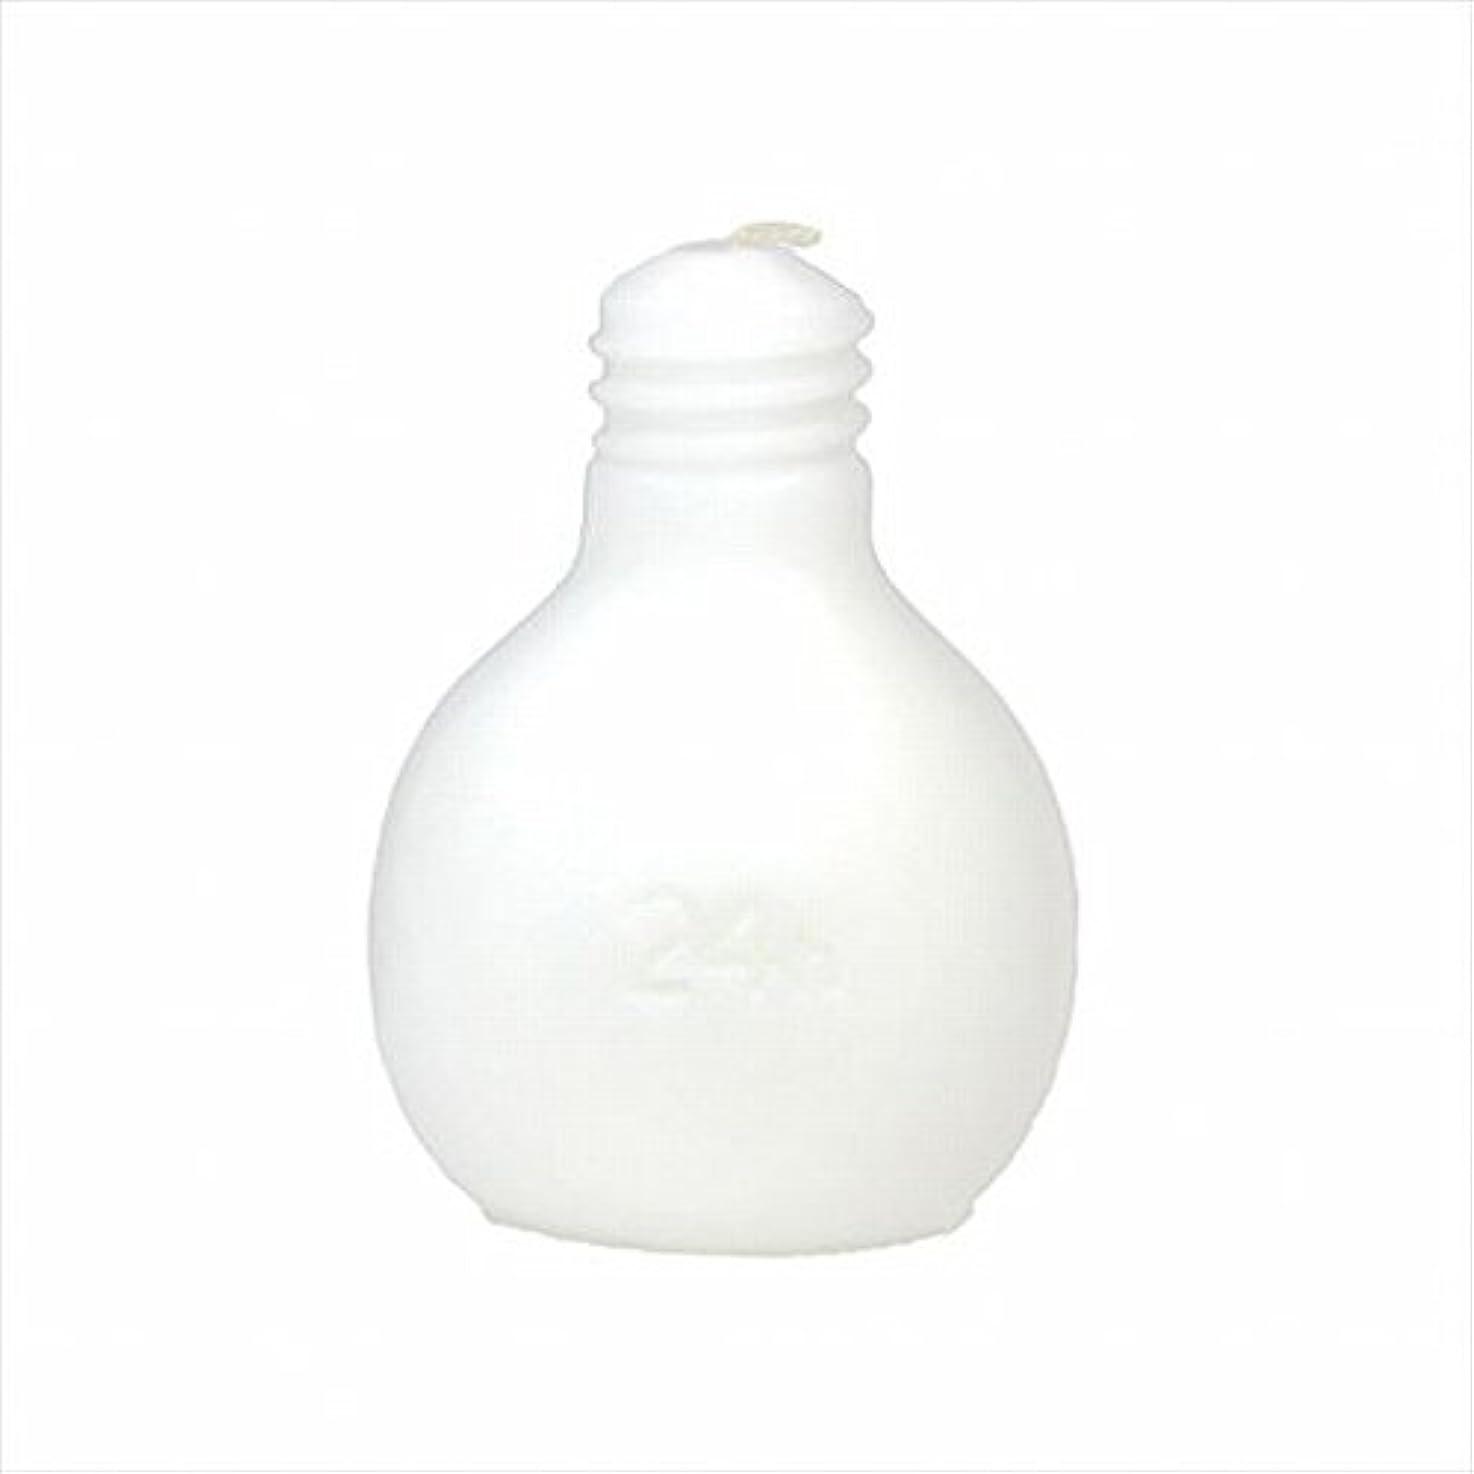 クスクスチップ当社カメヤマキャンドル(kameyama candle) 節電球キャンドル 「 ホワイト 」